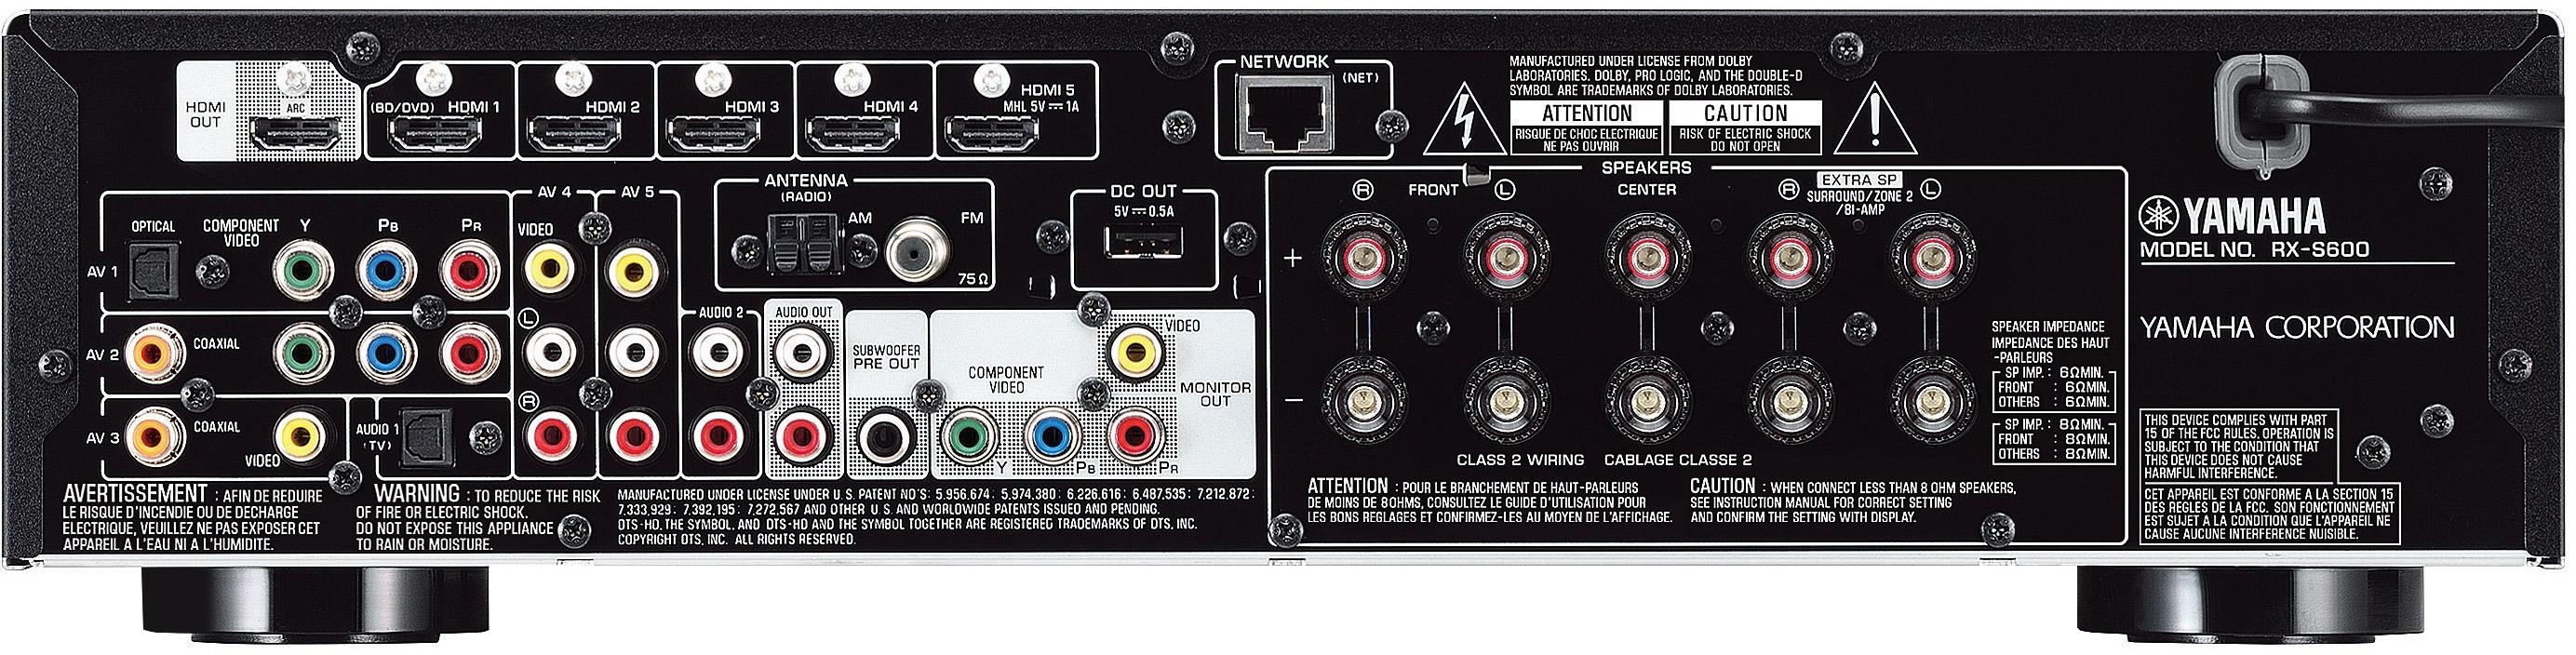 yamaha rx s600d slim surround receiver med dab test. Black Bedroom Furniture Sets. Home Design Ideas